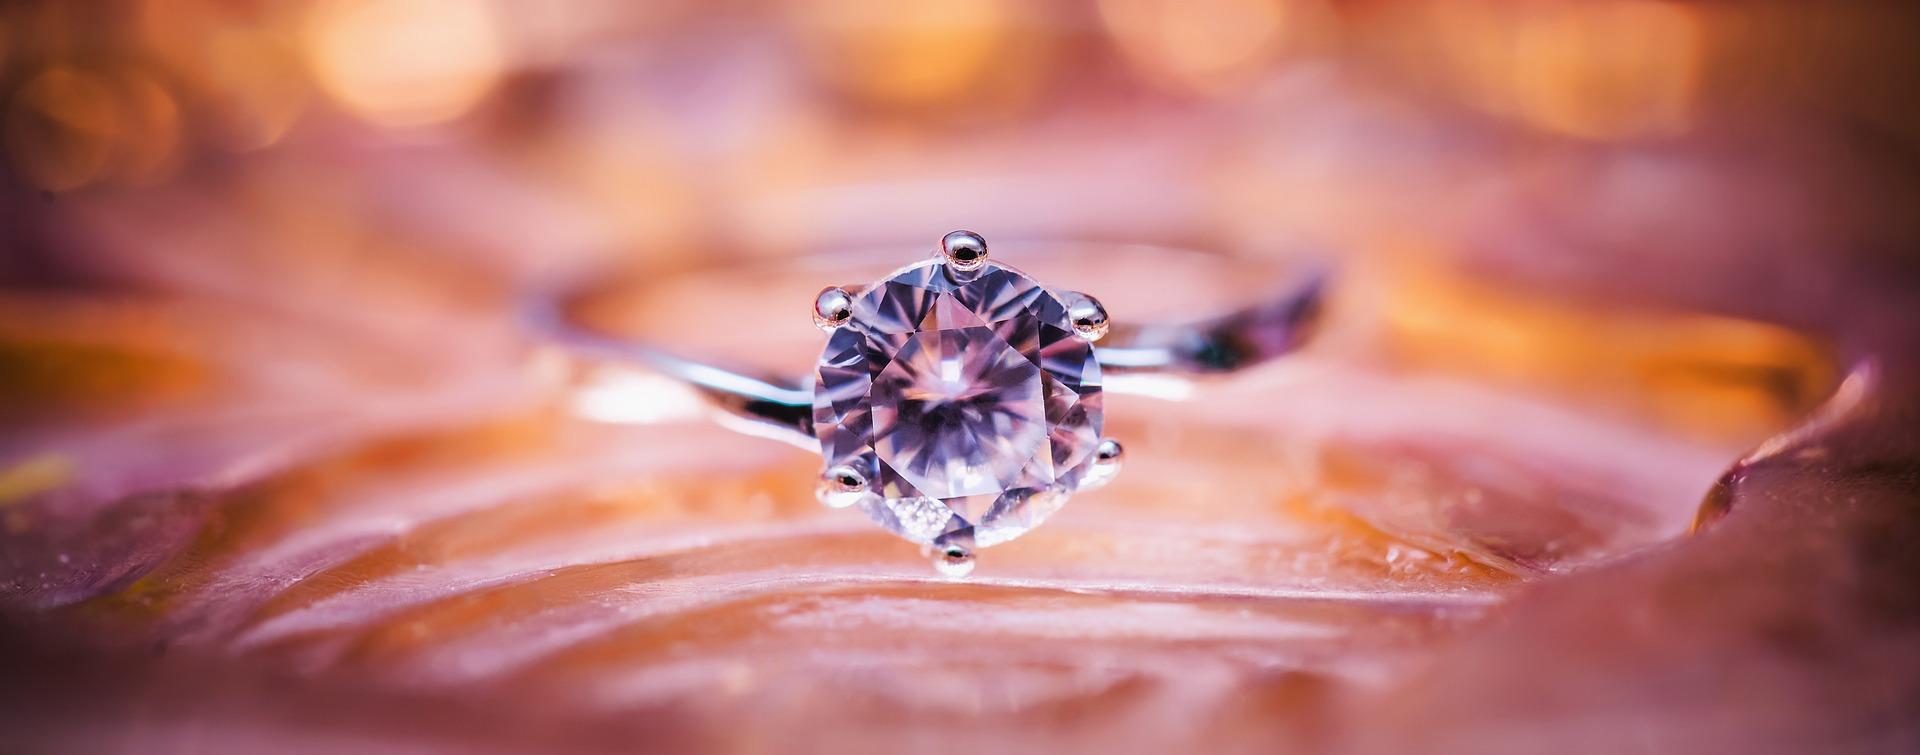 diamond-1839031_1920.jpg